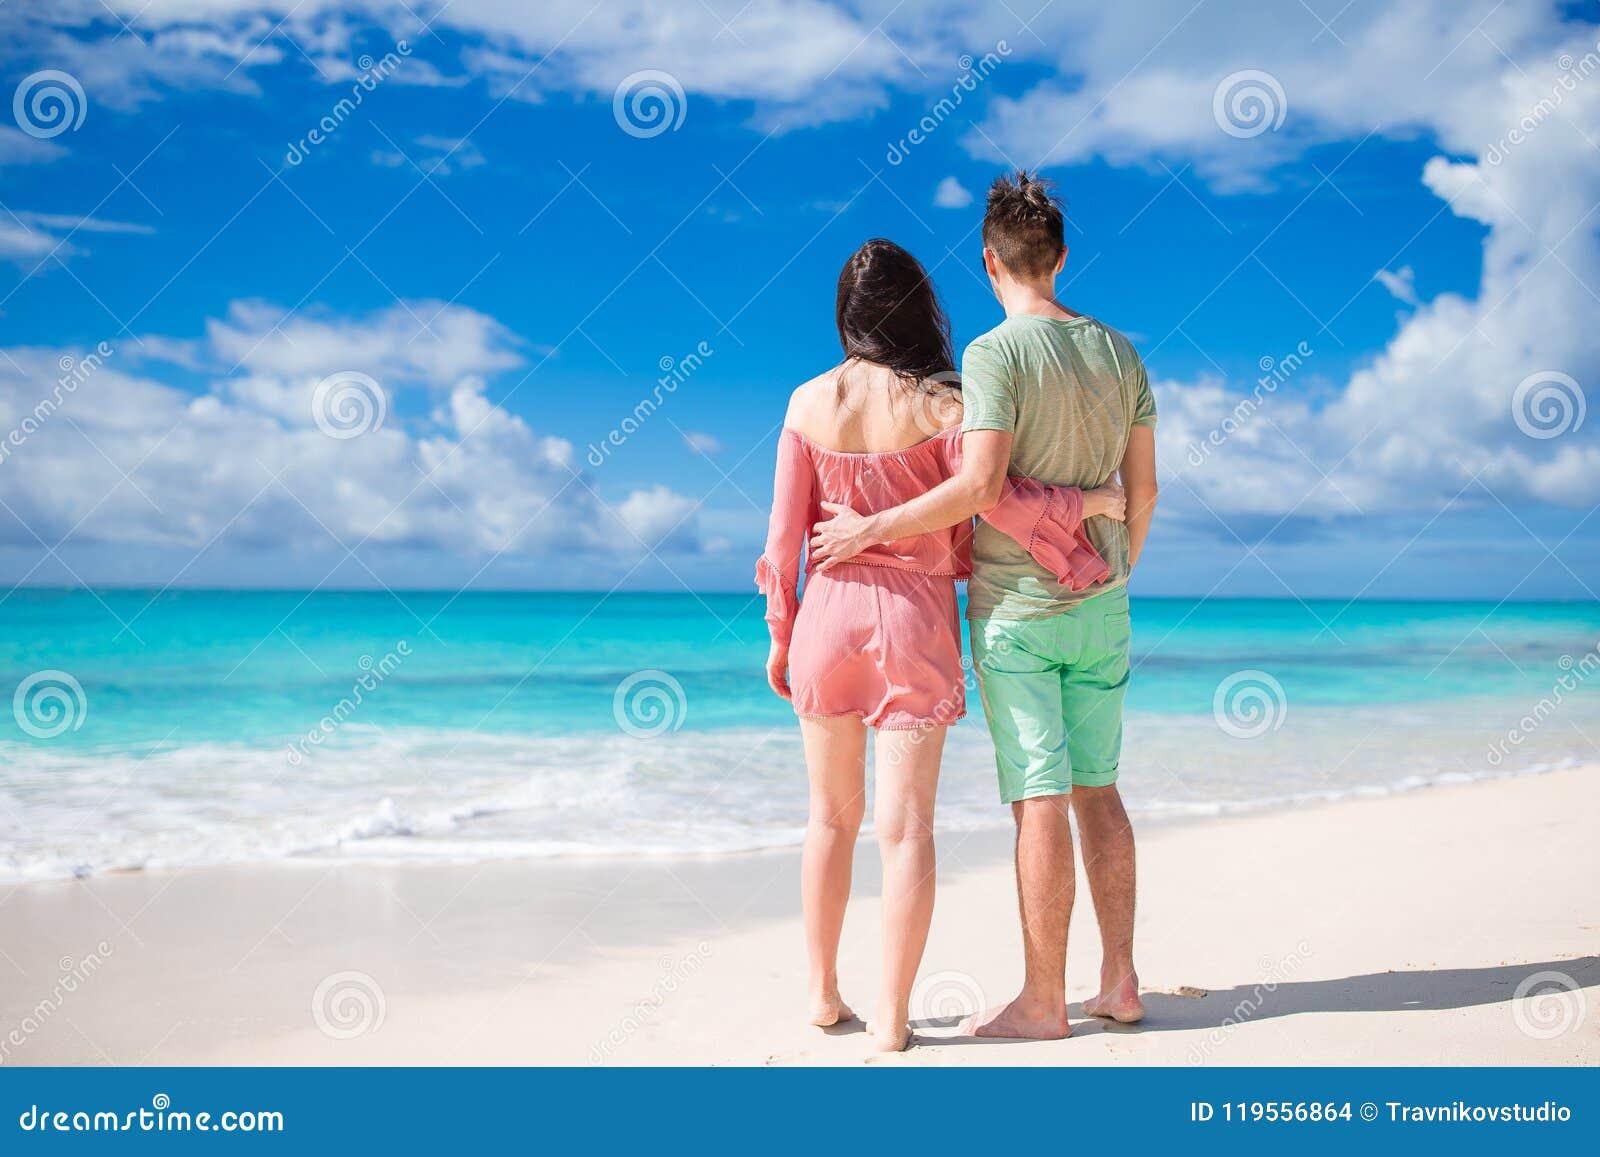 Pares jovenes en la playa blanca durante vacaciones de verano La familia feliz disfruta de su luna de miel